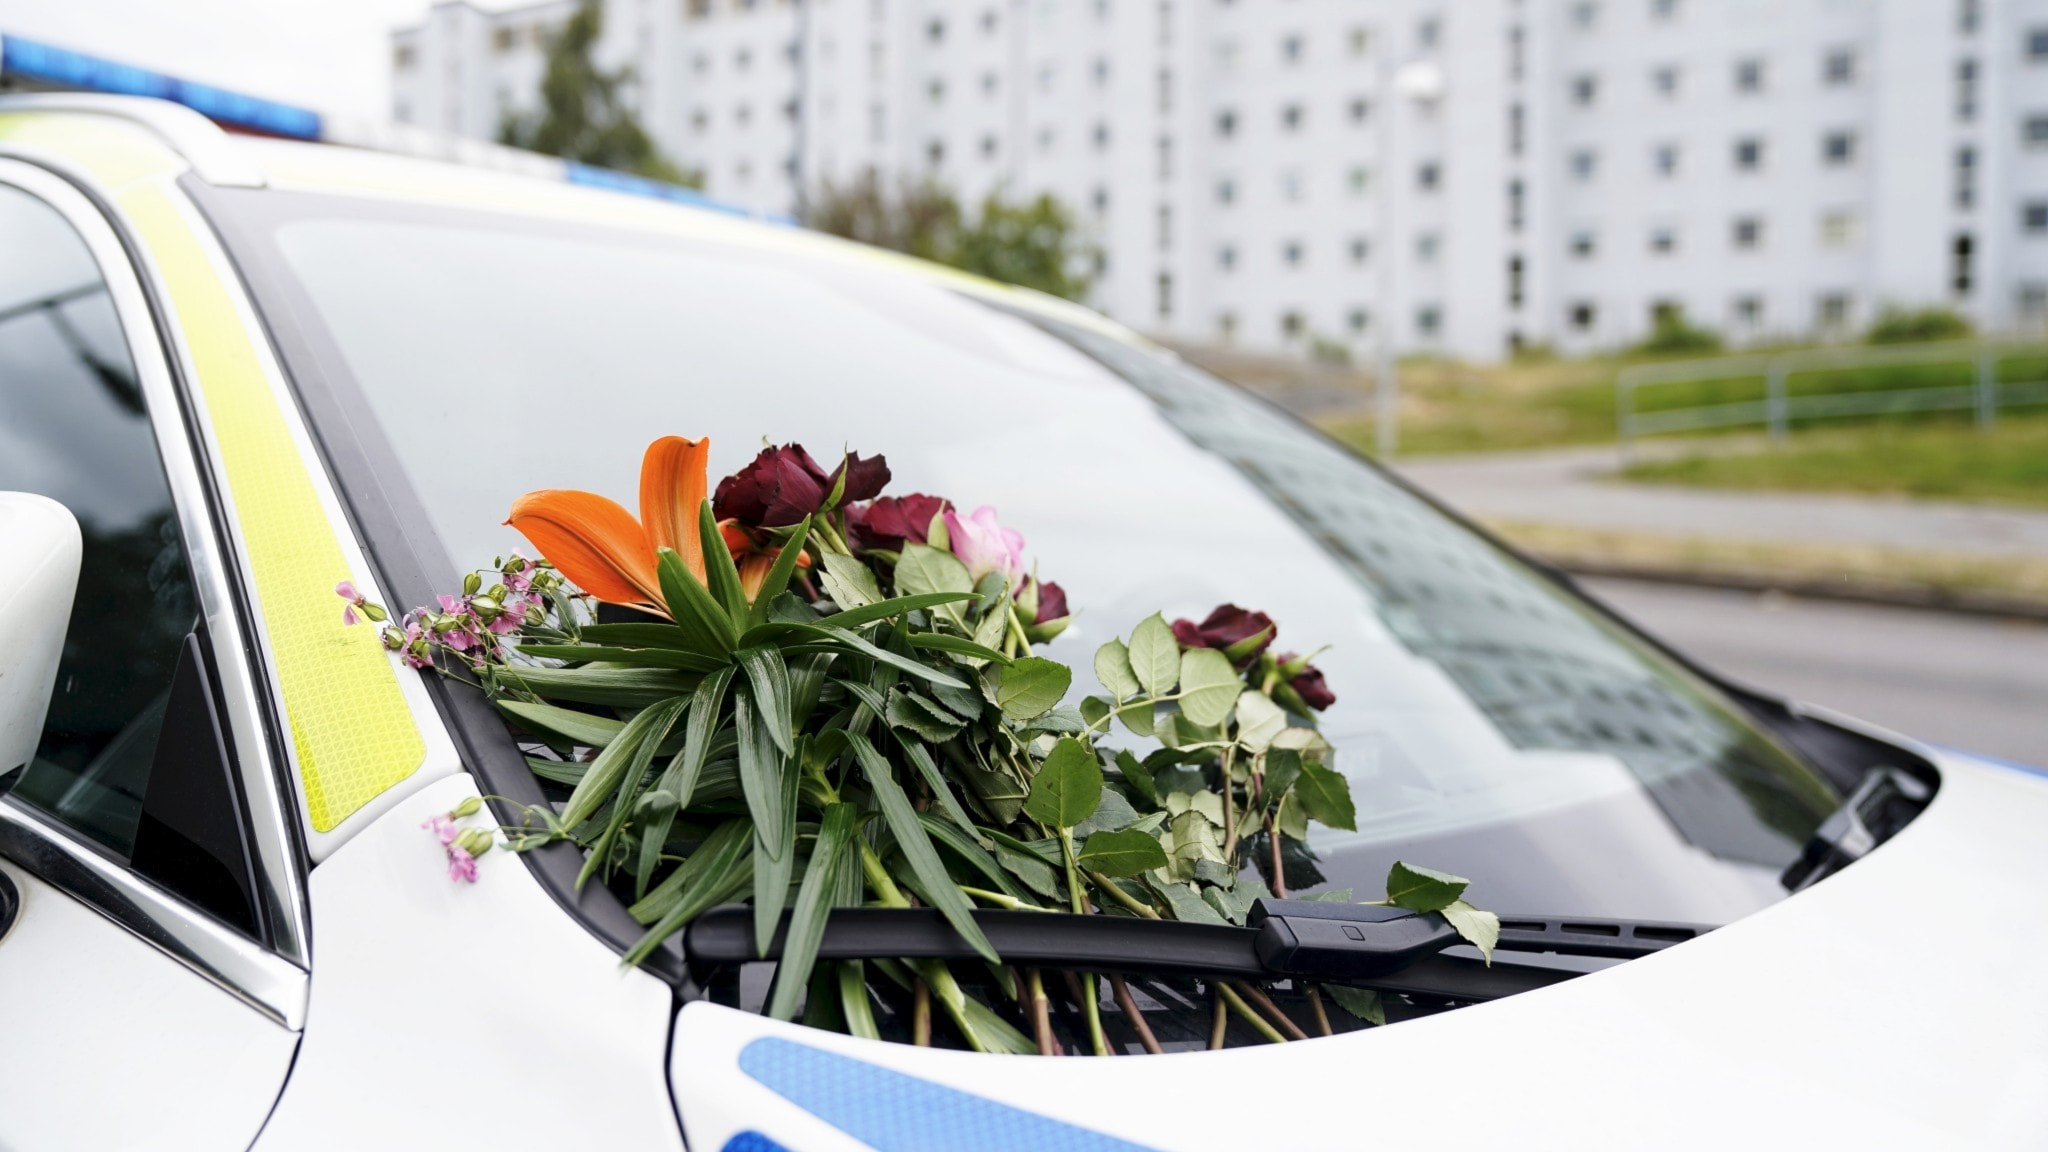 Flowers on a police car